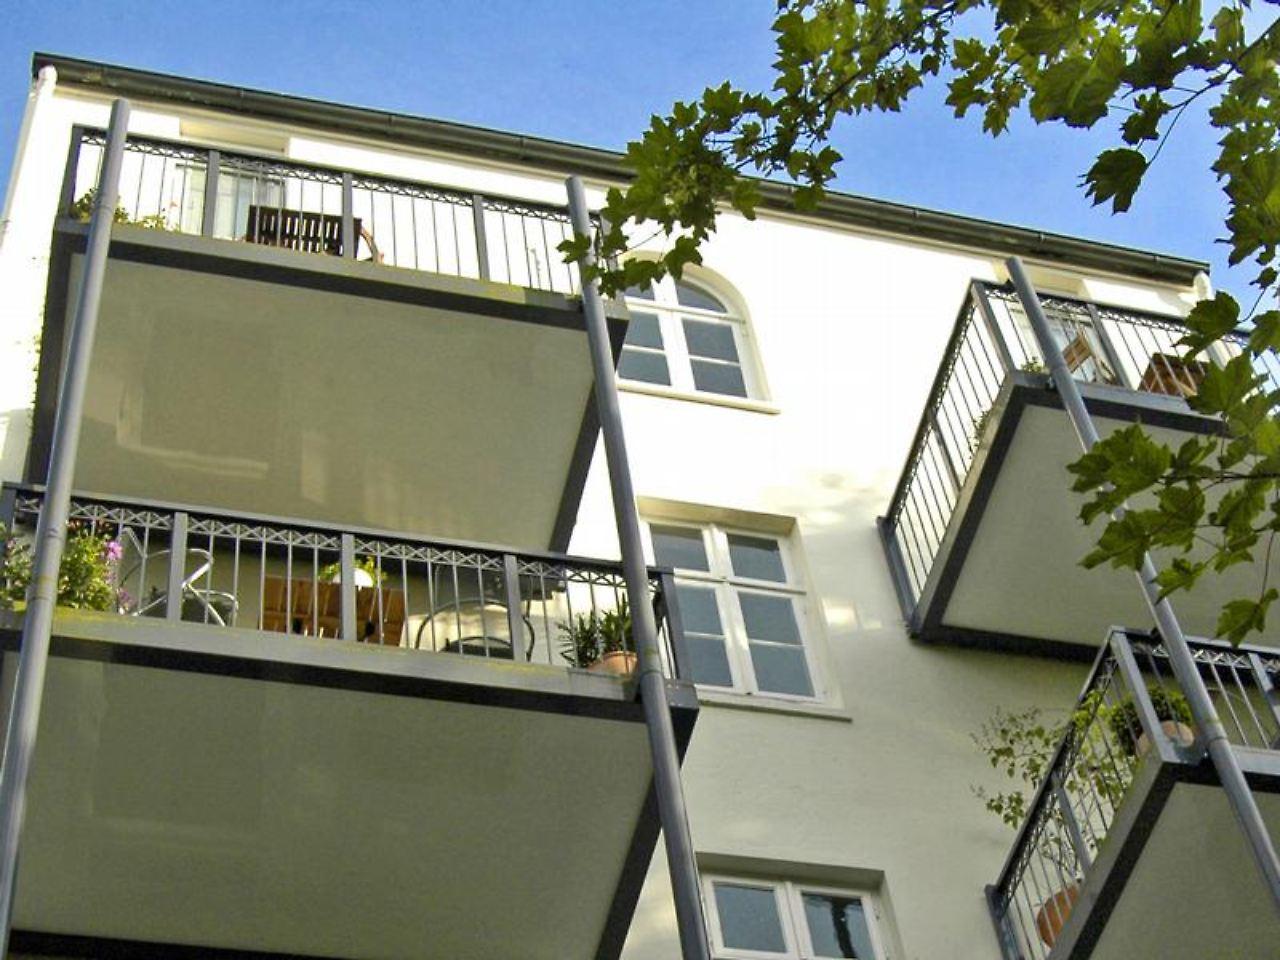 sanierung bei eigentumswohnung mitzahlen f r nachbars balkon n. Black Bedroom Furniture Sets. Home Design Ideas